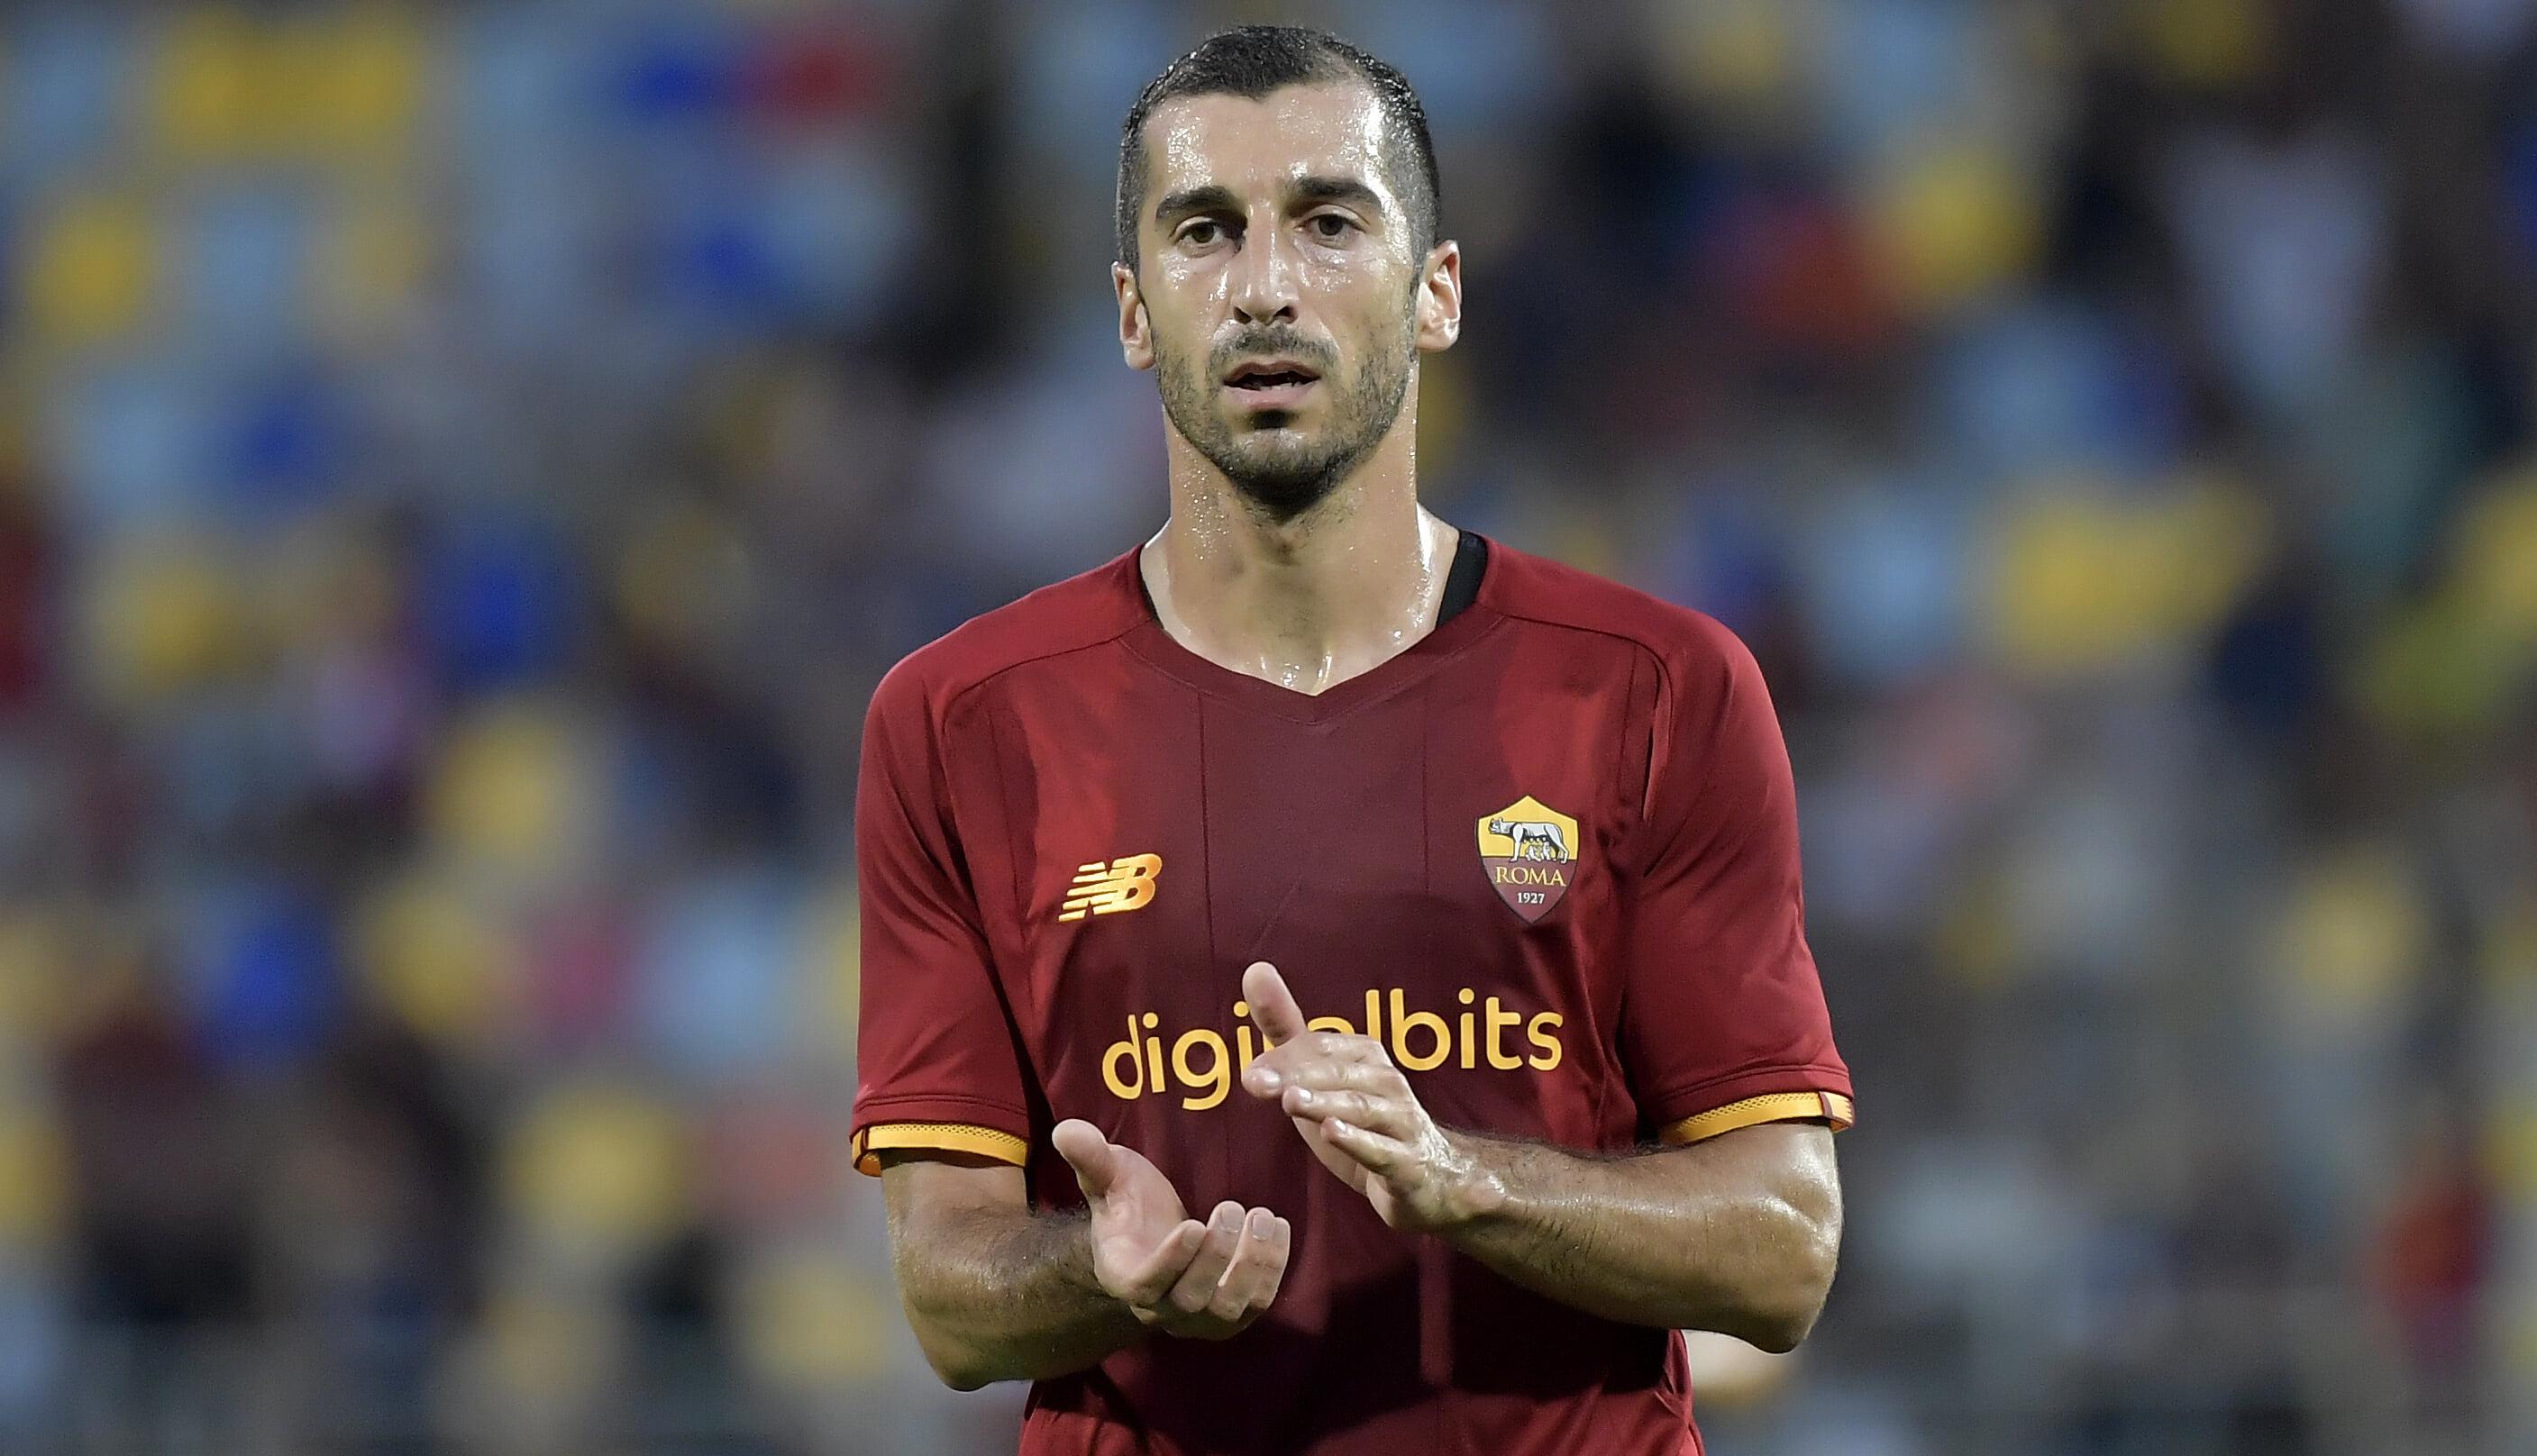 Мхитарян забил первый гол Ромы в Серии А при Моуринью. У Абрахама ассист в дебютном матче